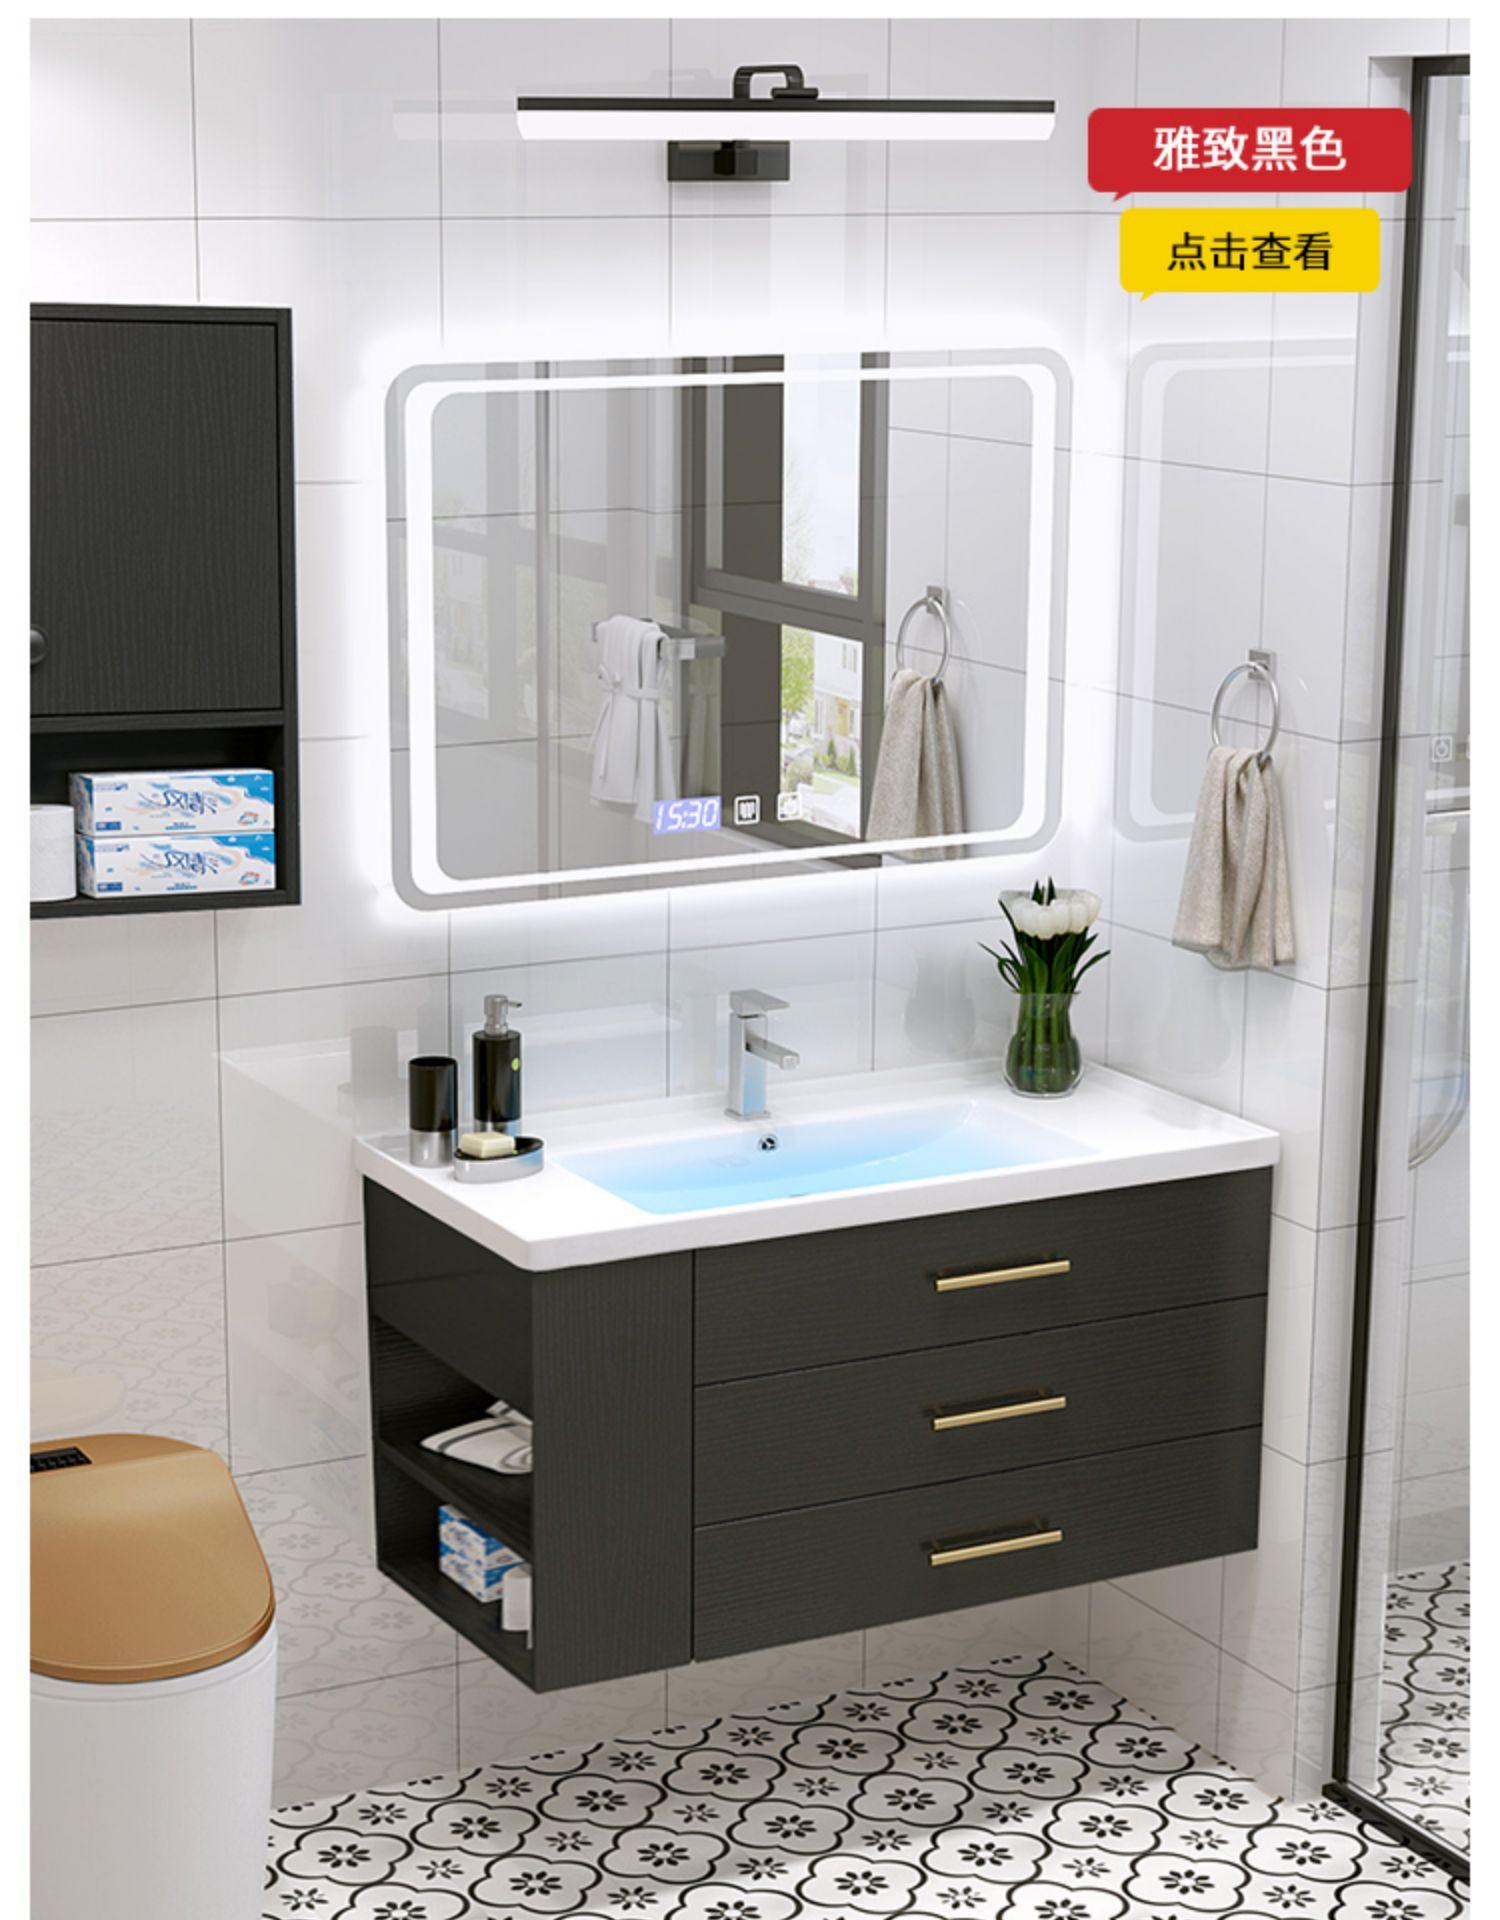 北欧浴室柜现代轻奢洗手檯盆洗脸盆柜组合化妆室洗漱桌镜柜面盆柜详细照片